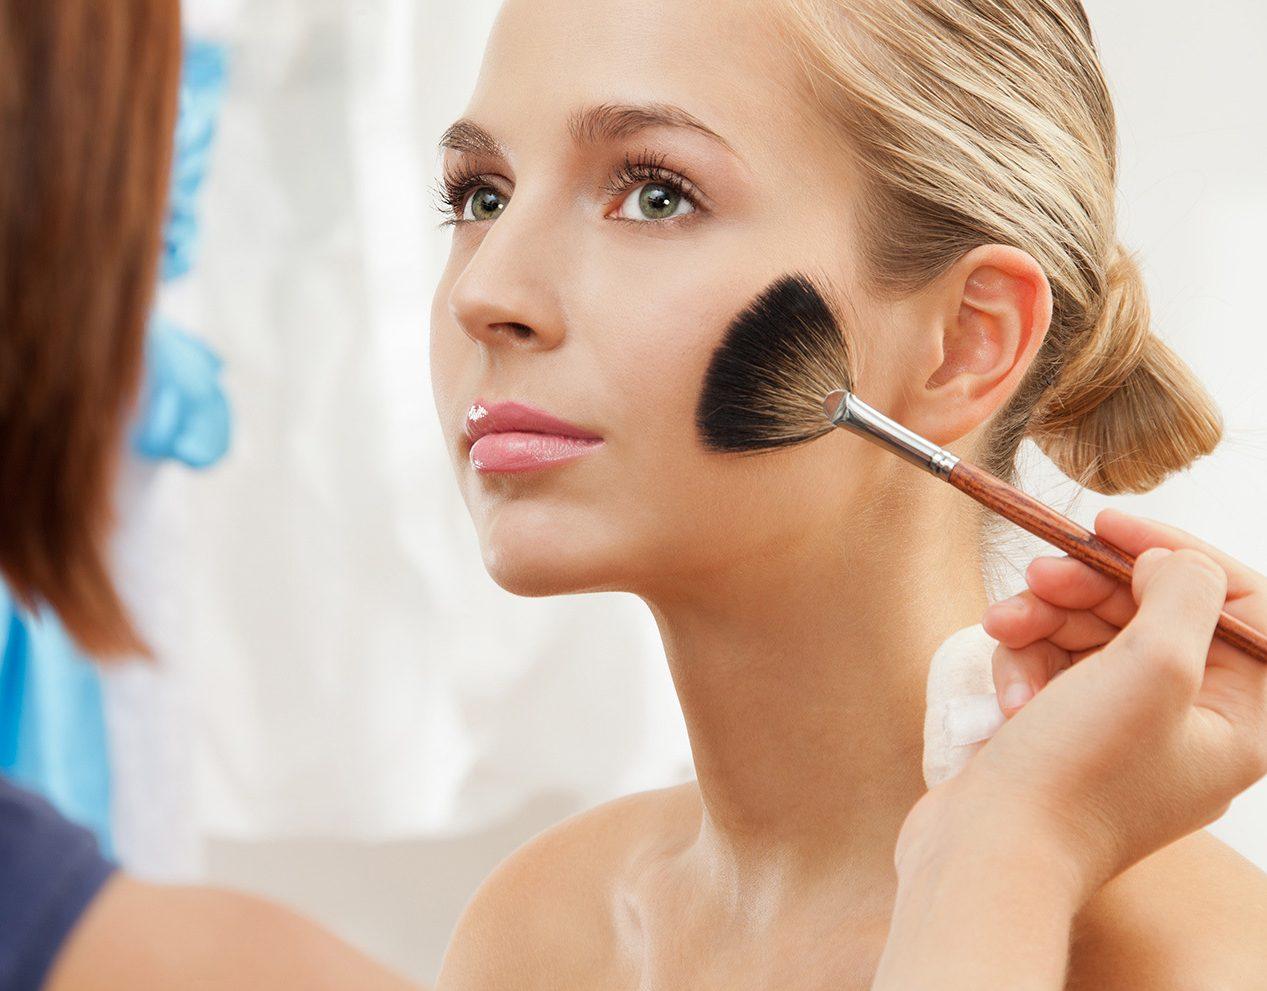 Как скрыть недостатки кожи? Секреты визажистов